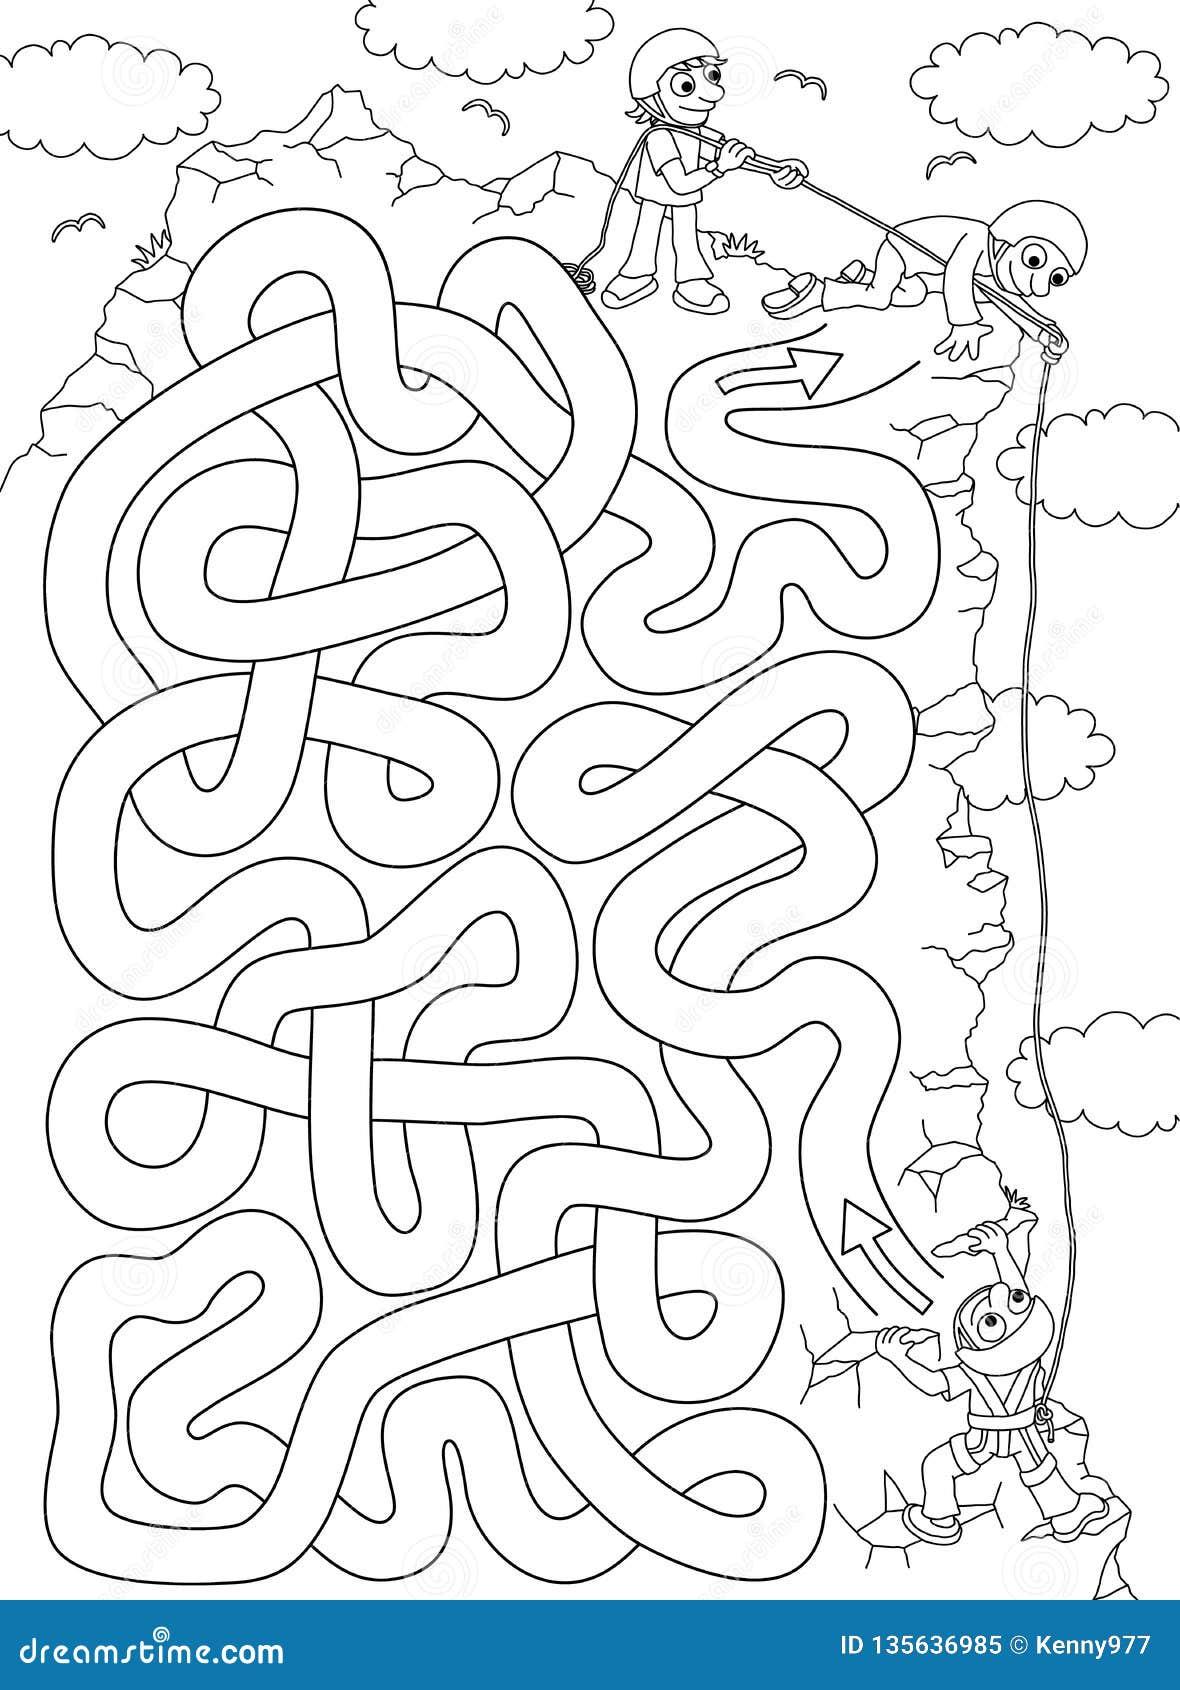 Bergsteiger - Labyrinth für Kinder